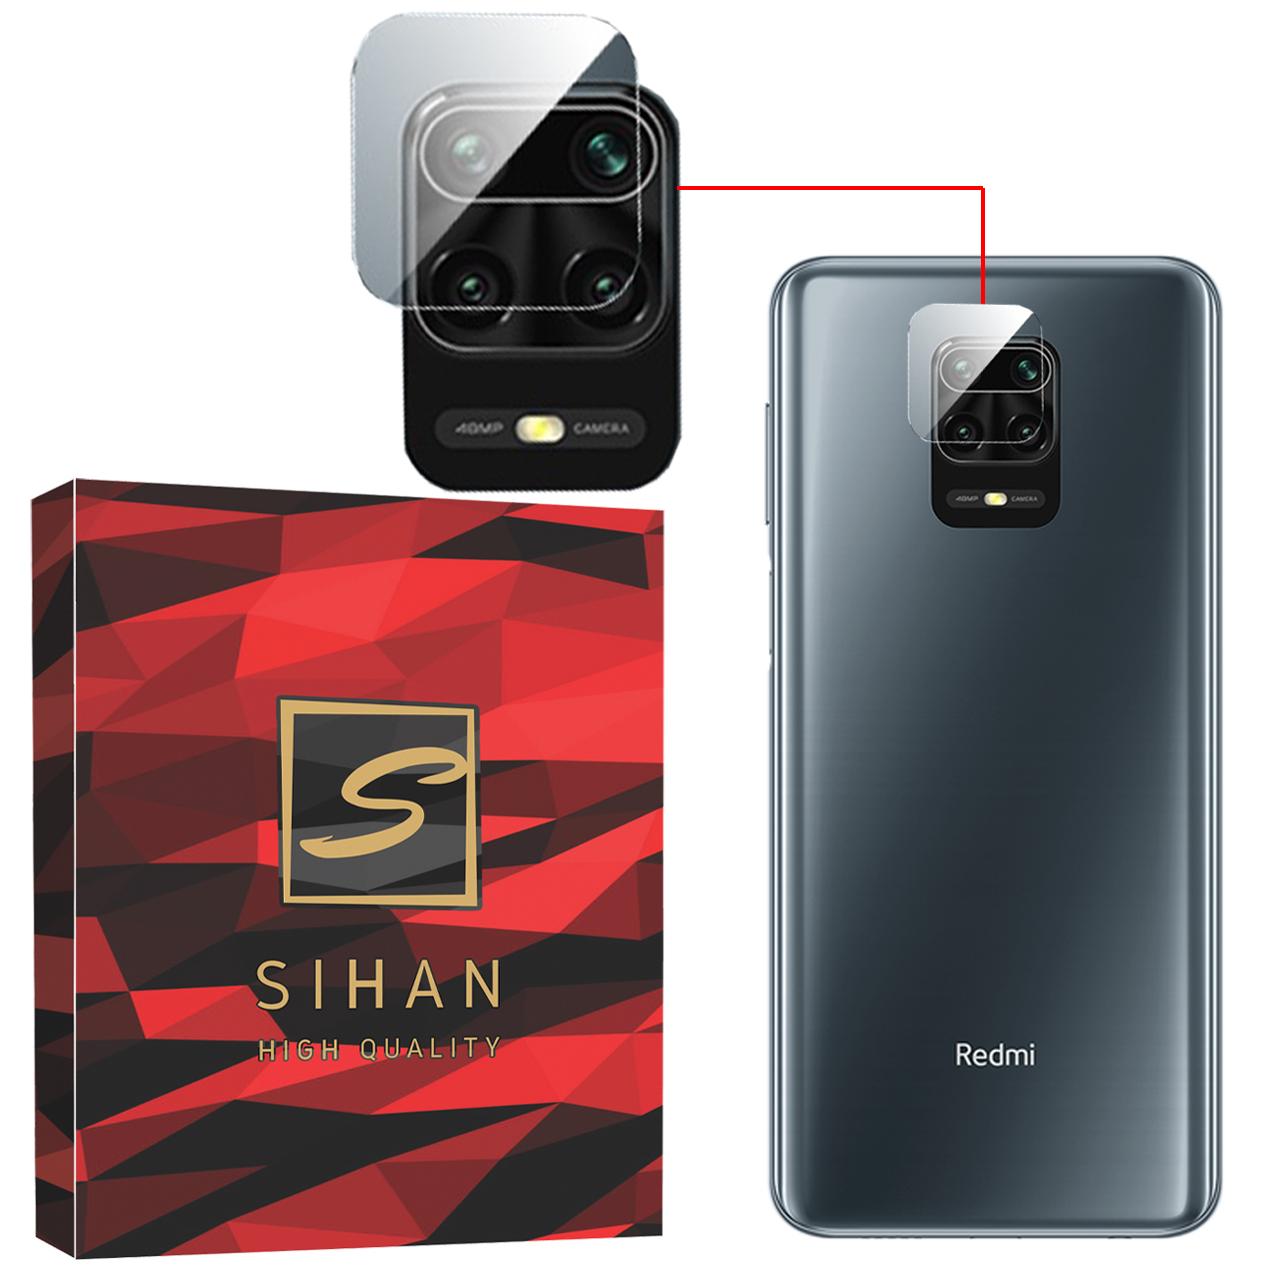 محافظ لنز دوربین سیحان مدل GLP مناسب برای گوشی موبایل شیائومی Redmi Note 9 / 9pro / 9pro max              ( قیمت و خرید)